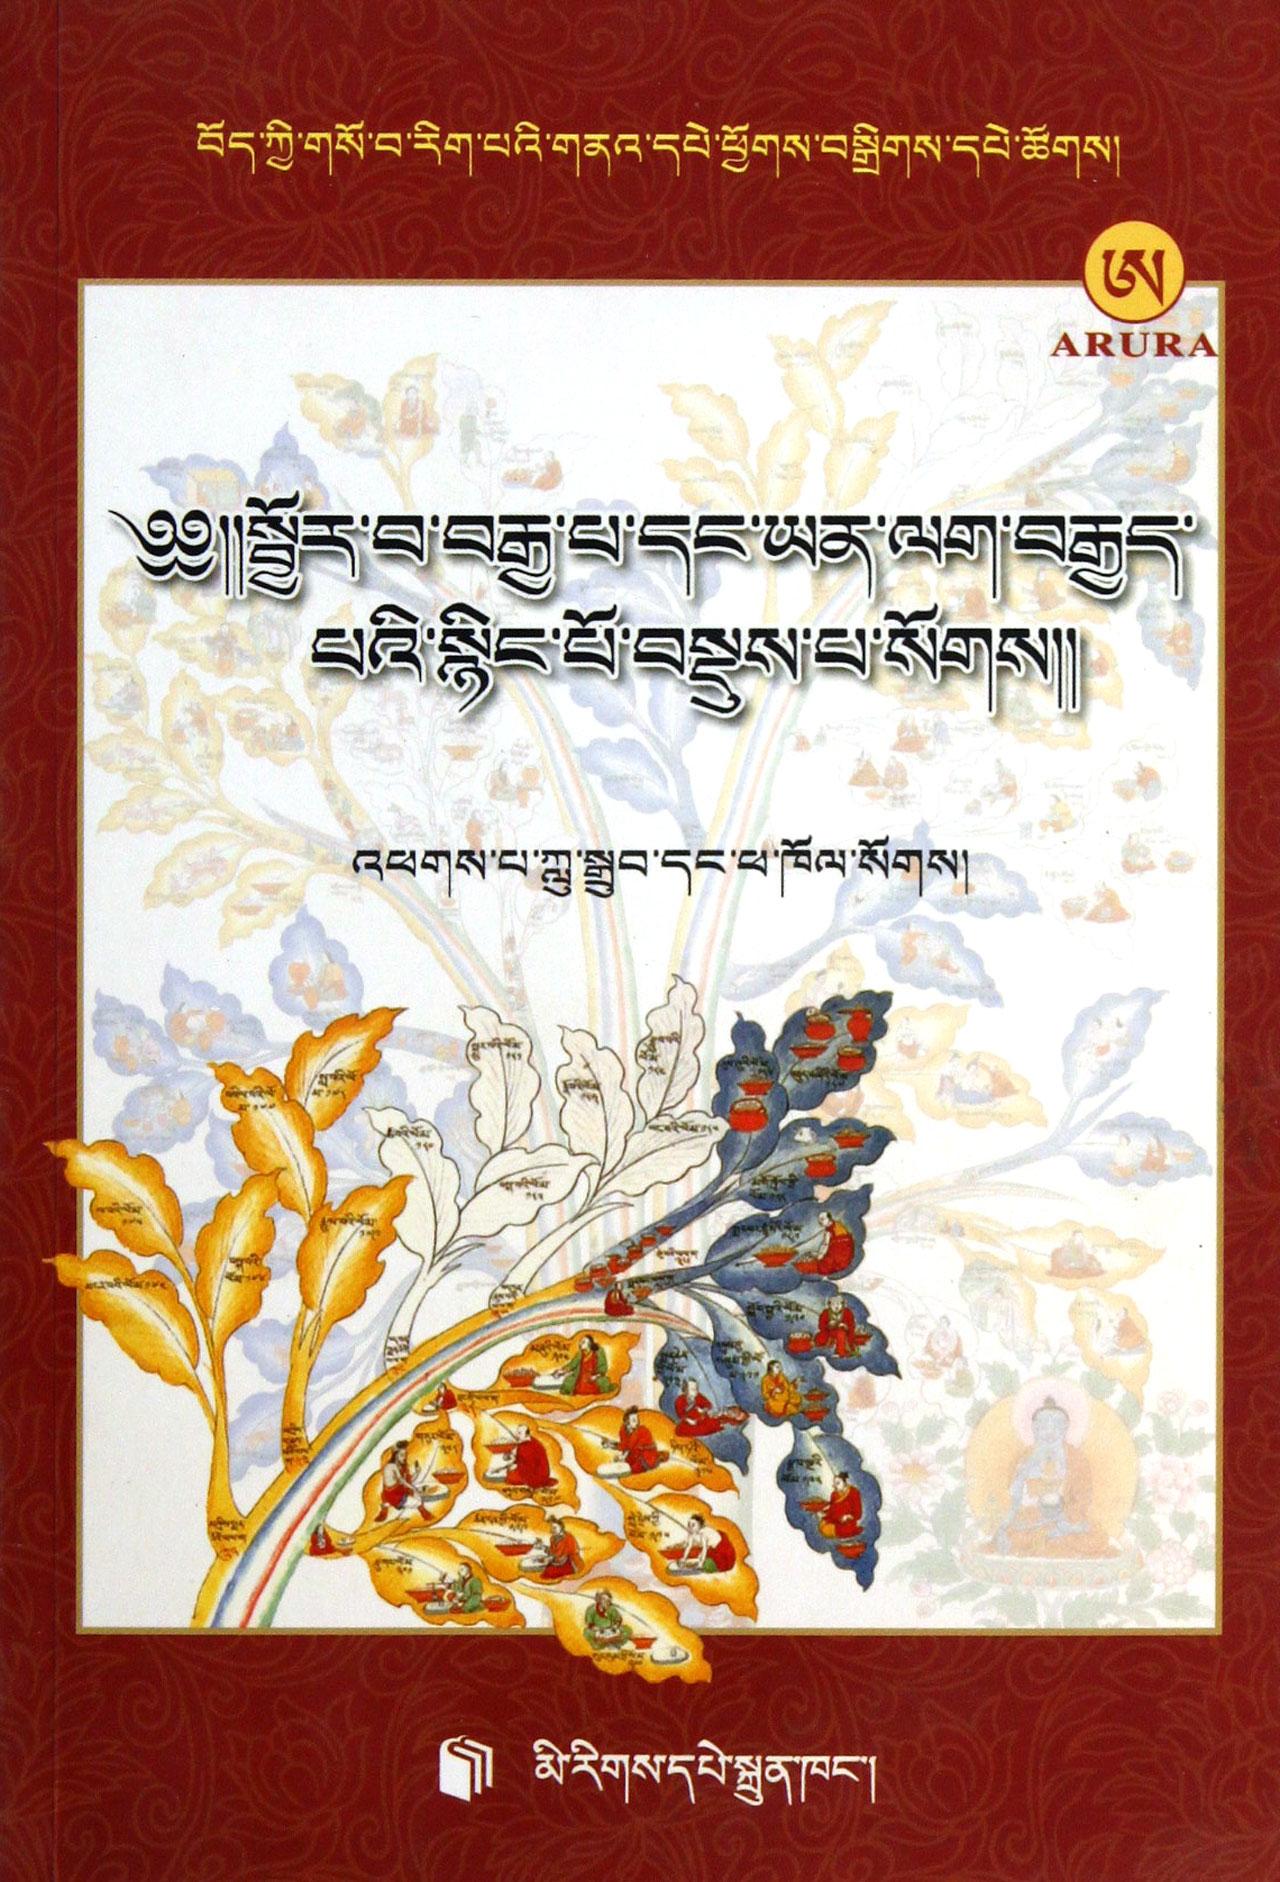 藏文五四运动板报